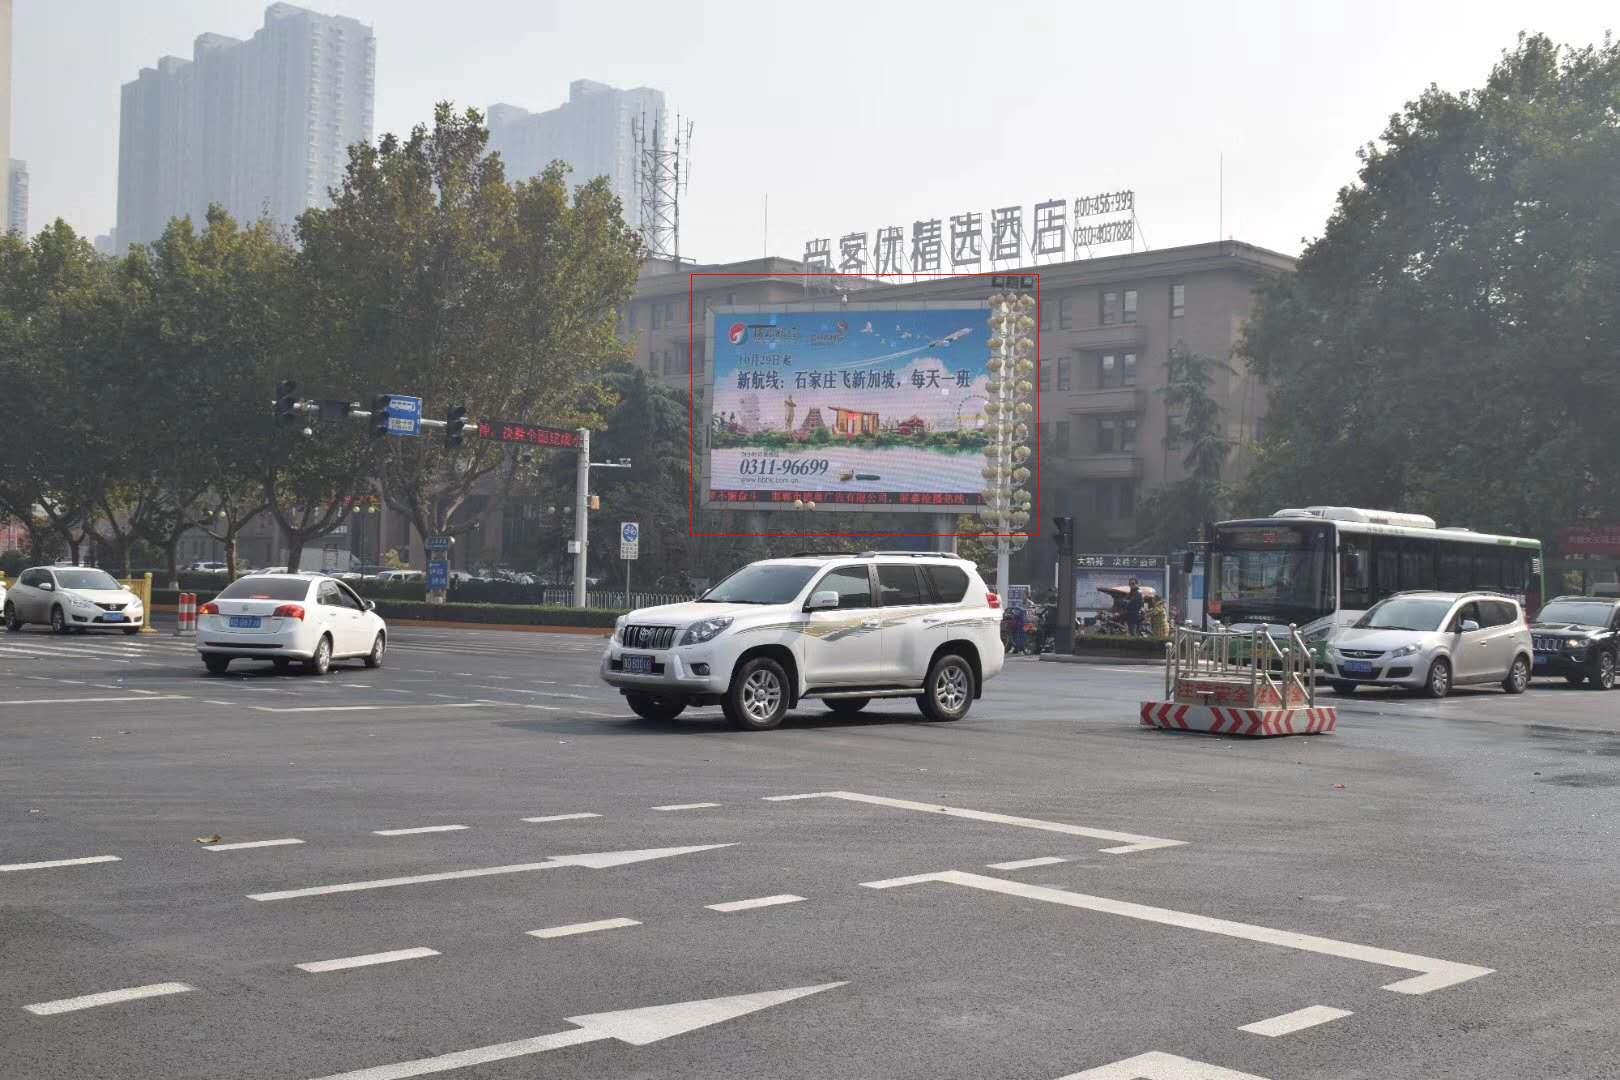 邯郸市人民路与中华大街交叉口东南角LED电子屏幕-易播网